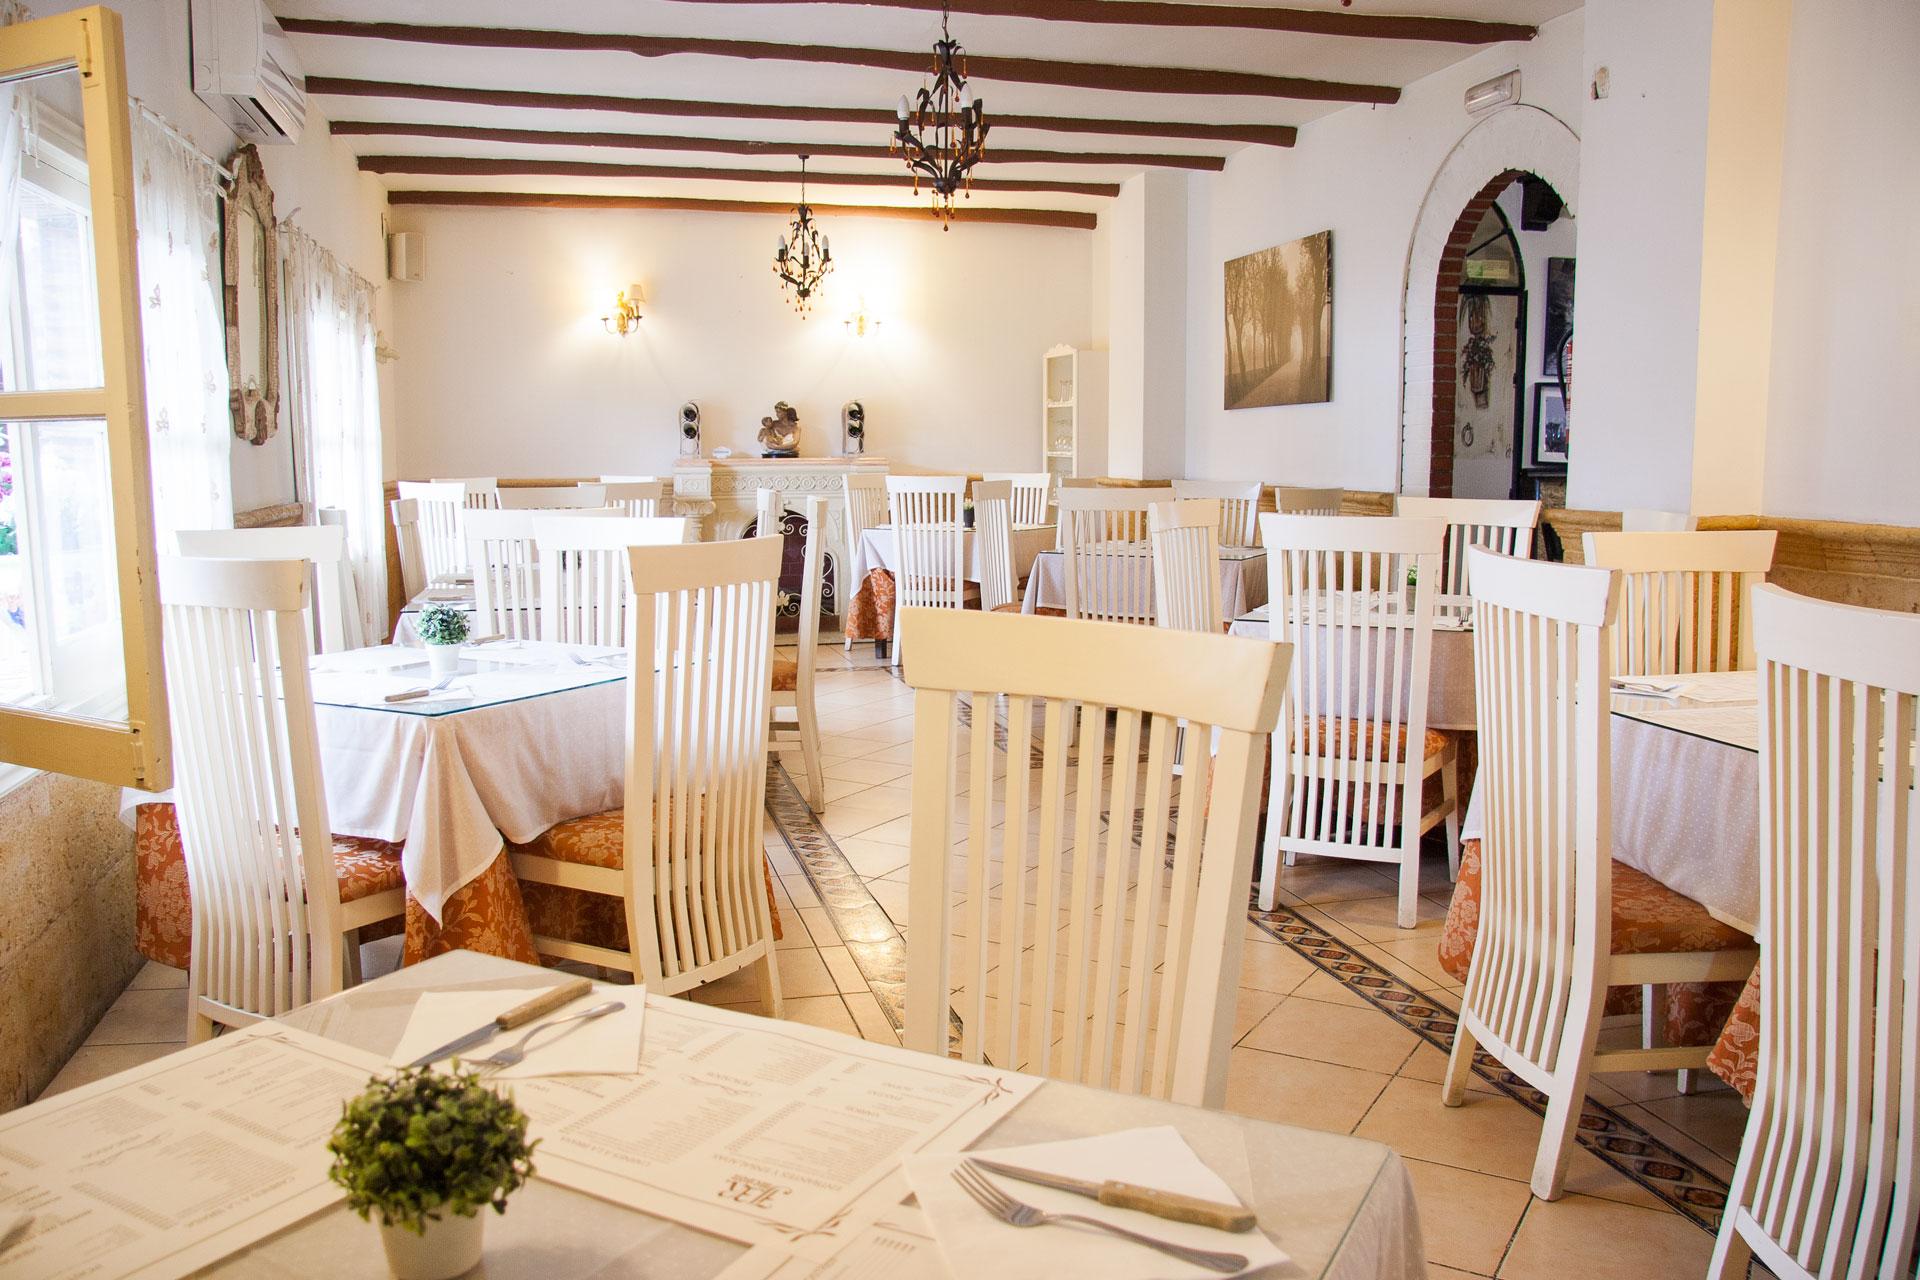 Meson J.R., restaurante familiar con gastronomía de calidad típicamente granadina